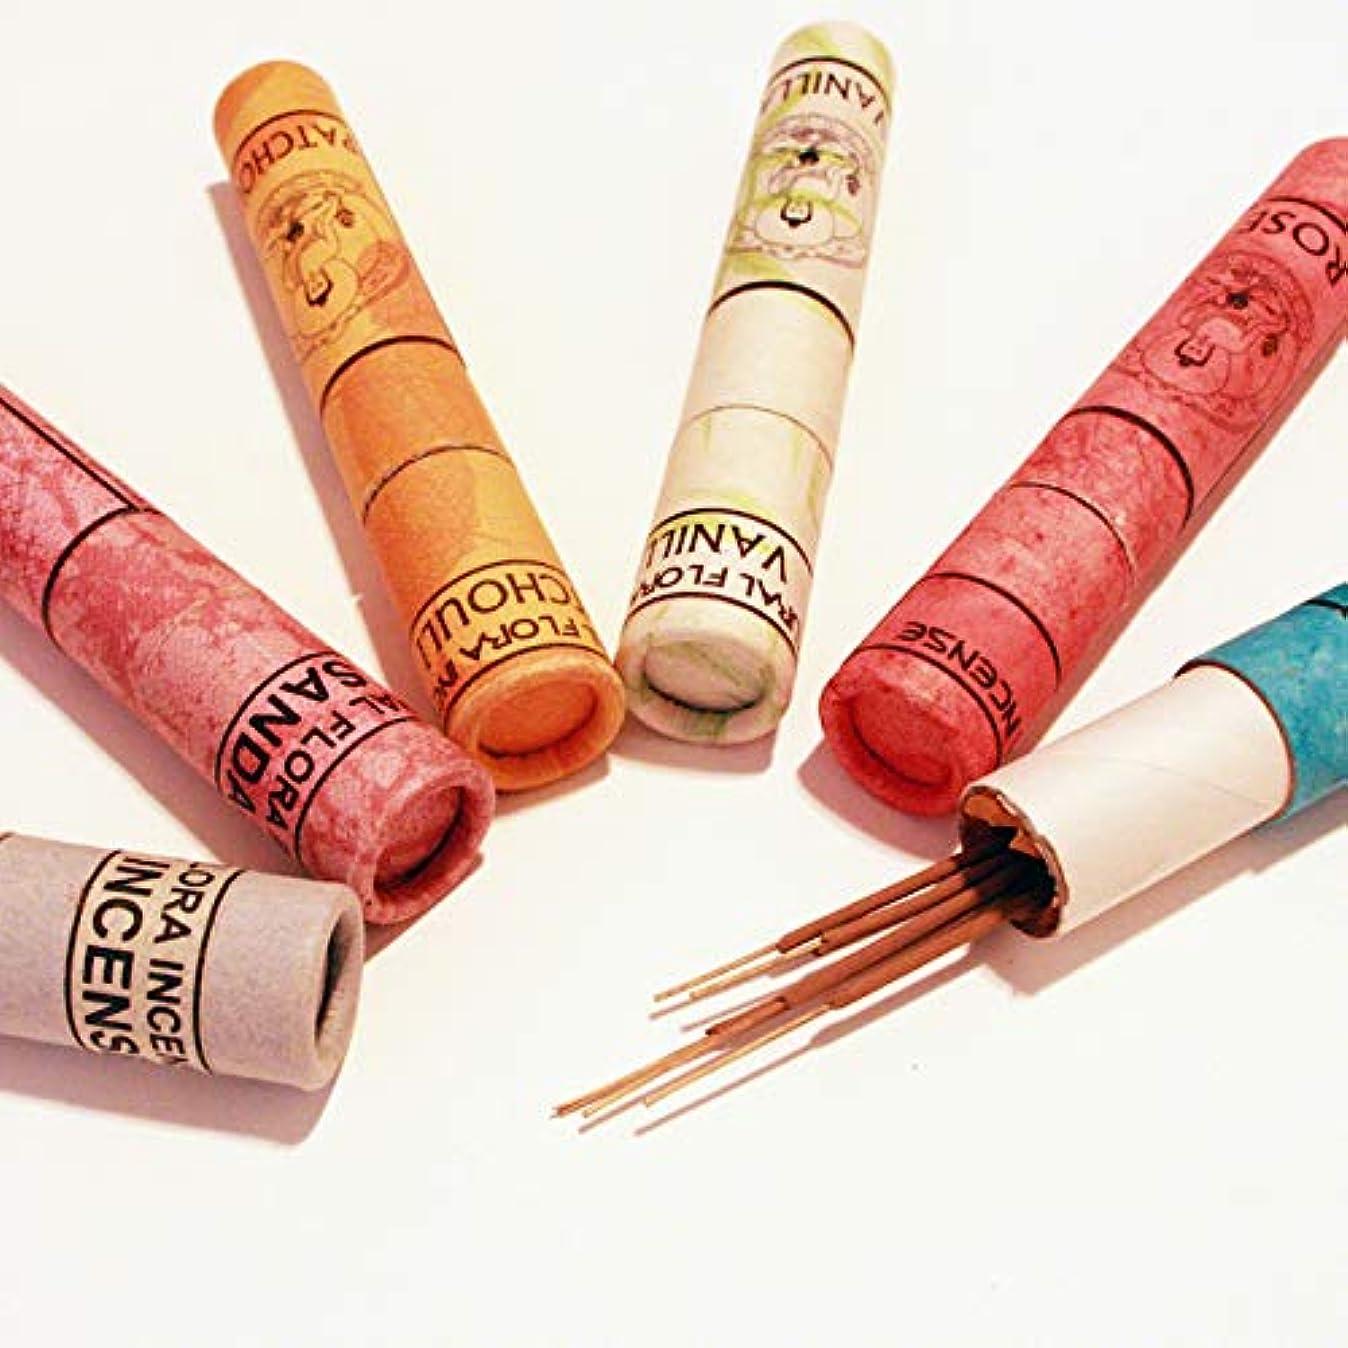 シリアル塗抹にやにや高級インド雑貨カオス ナチュラル インセンス スティックタイプ 40本入 お香立てつき (ミルラ)